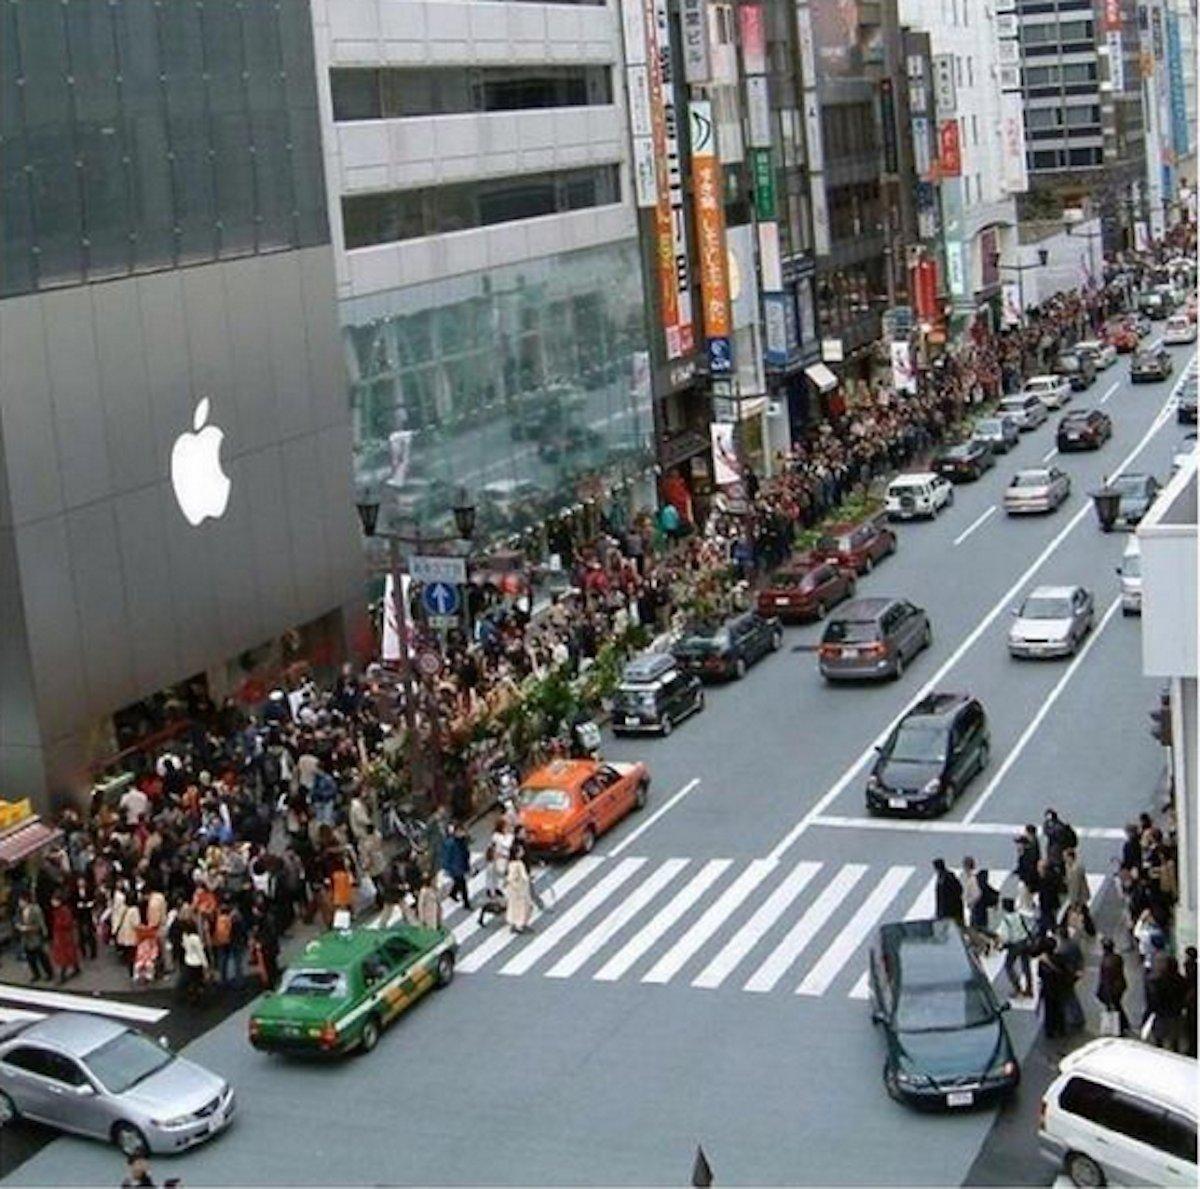 بالصور .. الآلاف من عشاق أبل يزدحمون أمام متاجرها لشراء آيفون 6 8